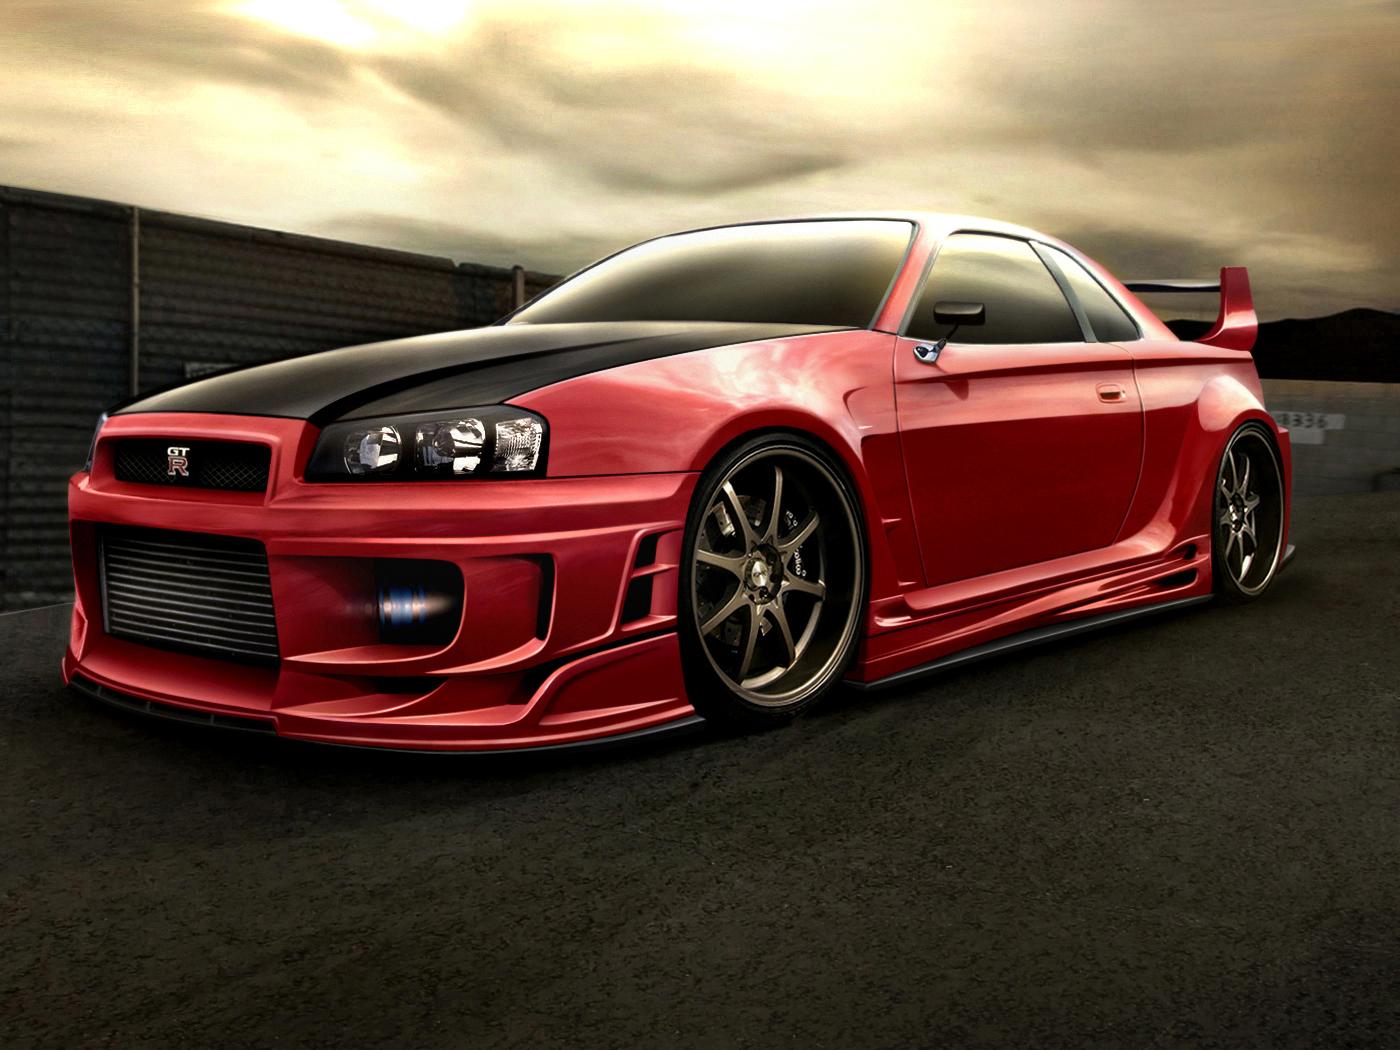 GTR HD Wallpapers Nissan Skyline GTR Photos Cool Wallpapers 1400x1050